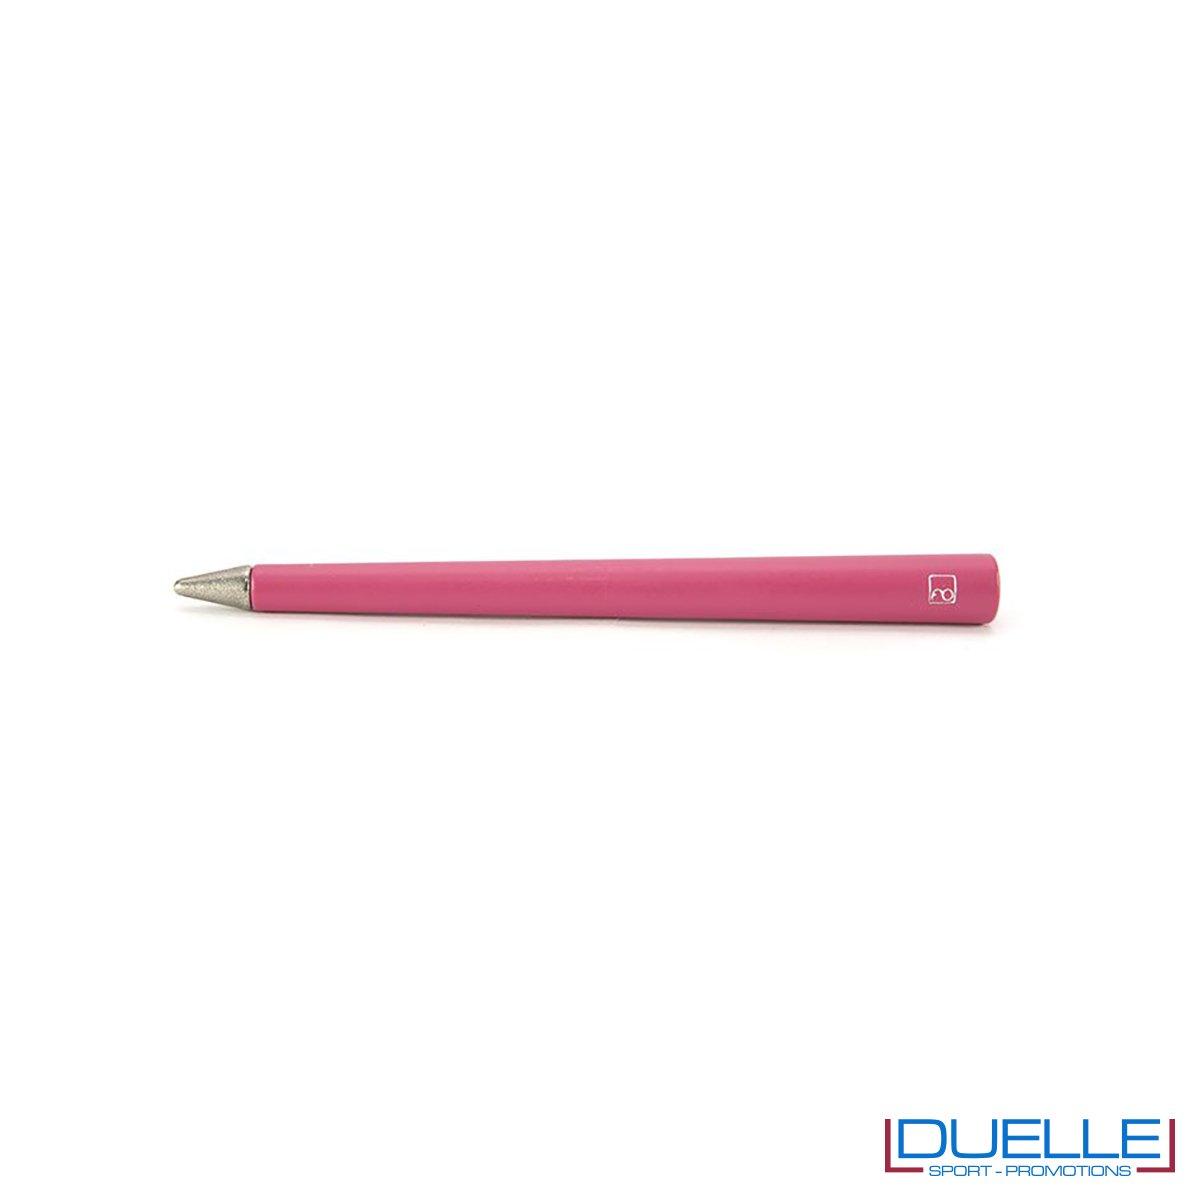 matita infinita personalizzata primina in colore magenta, regali aziendali personalizzabili magenta